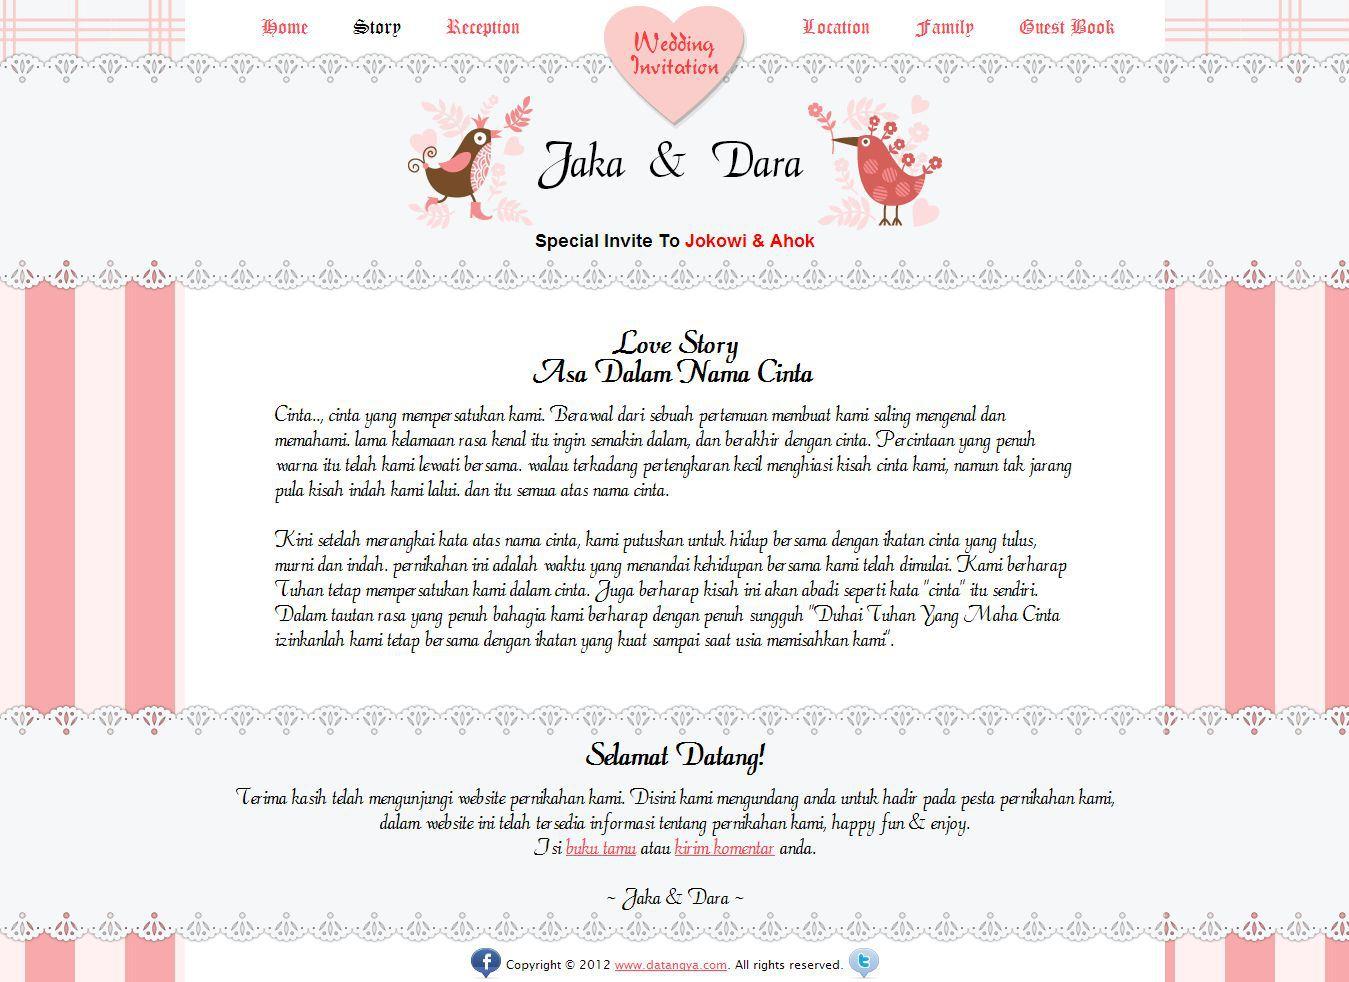 Published at 1349 215 982 in undangan pernikahan online datangya com